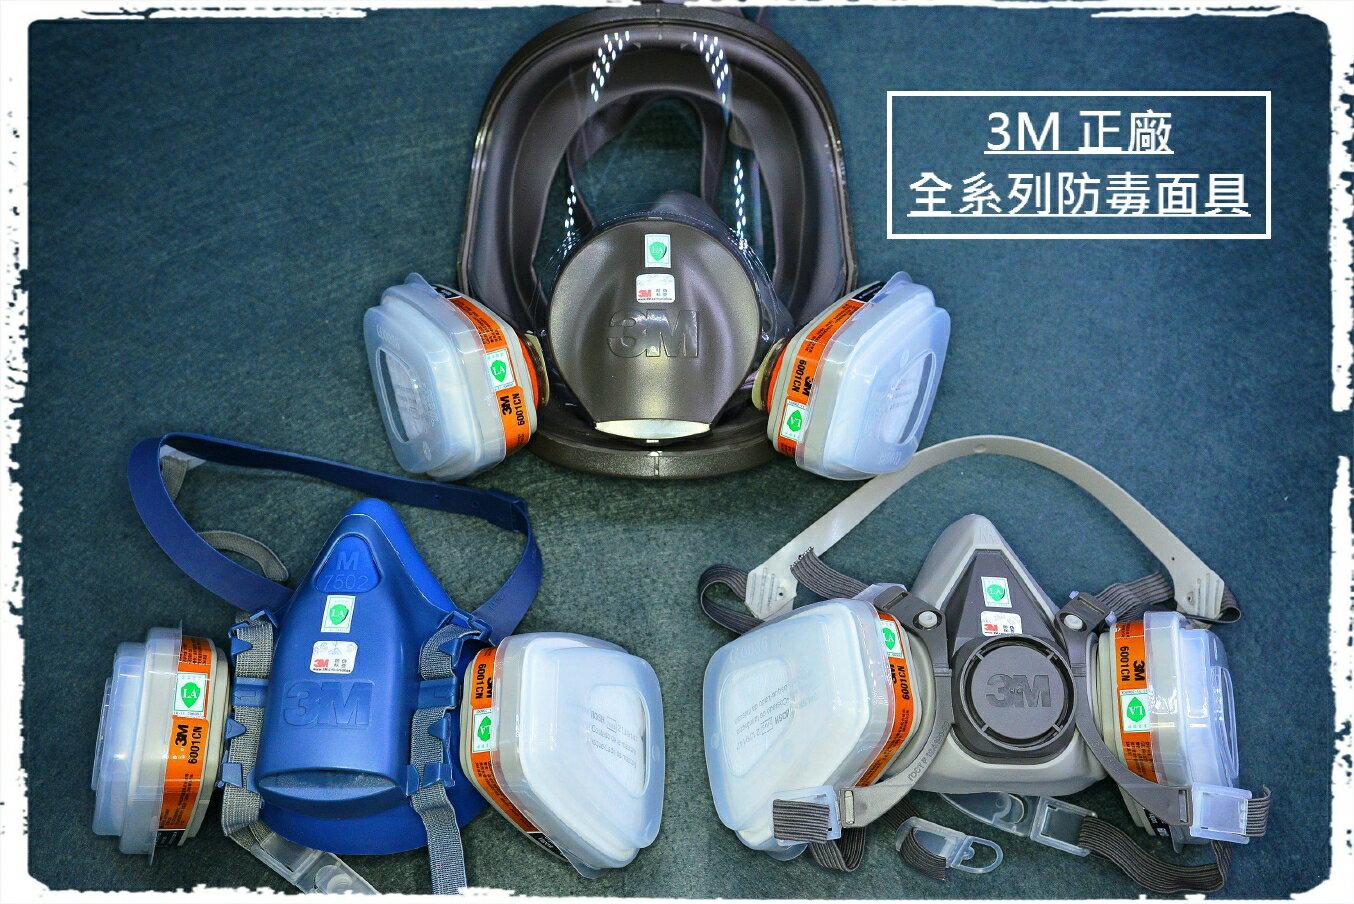 3M正廠 7502 6200 半罩式防毒面具(7件全配) 半面過濾口罩 防護面罩 濾毒罐過濾棉烤漆噴漆 化工農藥塗裝化學